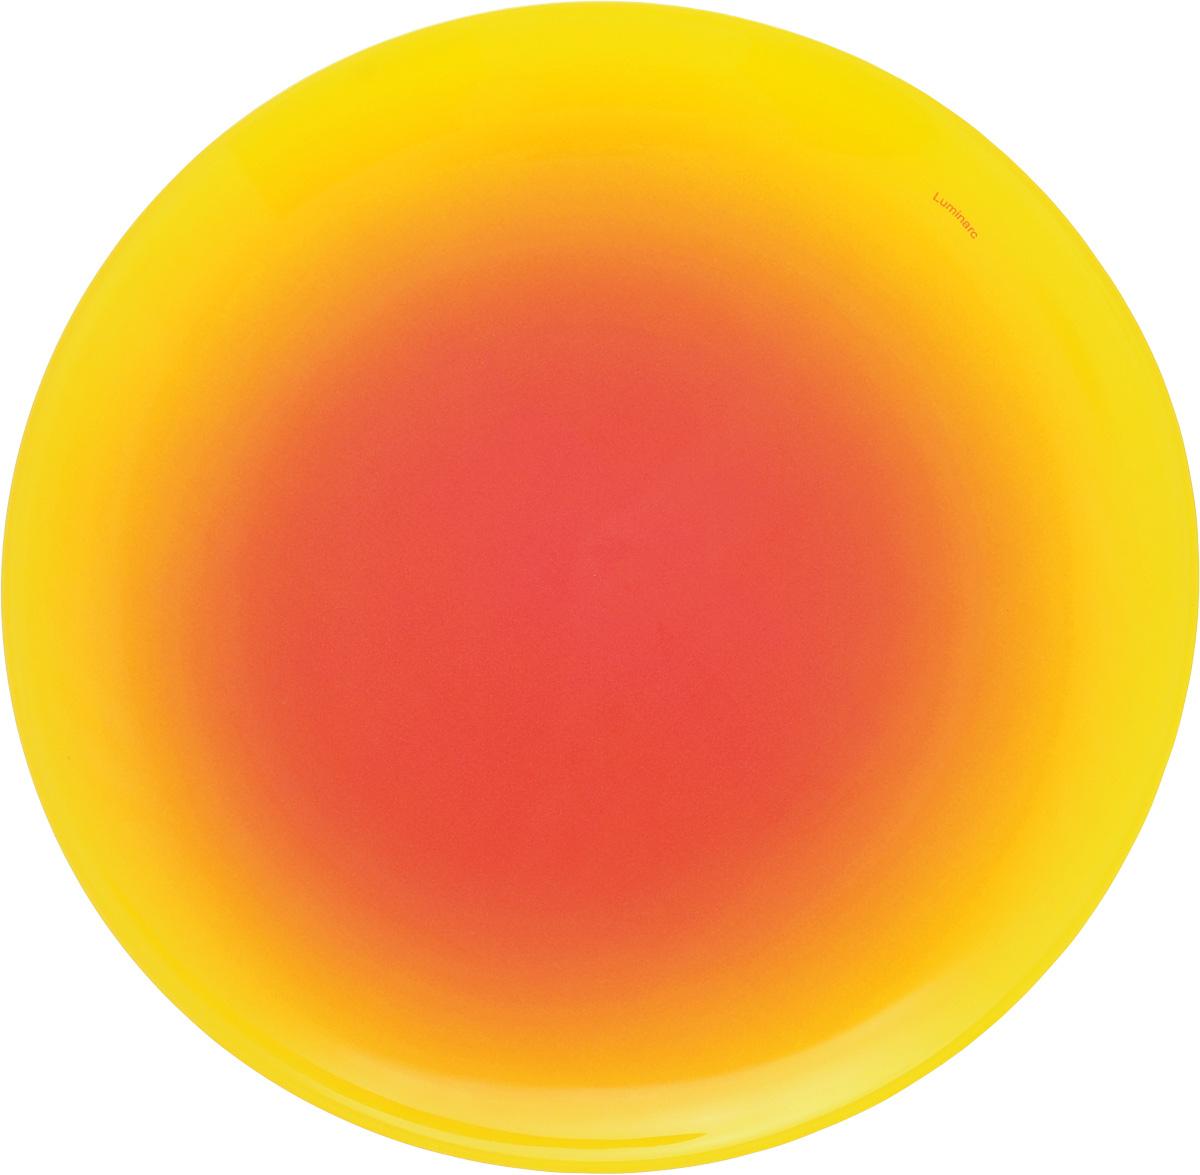 Тарелка десертная Luminarc Fizz Lemon, диаметр 20 смG9551Десертная тарелка Luminarc Fizz Lemon, изготовленная изударопрочного стекла, декорирована градиентным рисунком. Такая тарелка прекрасно подходит как дляторжественных случаев, так и для повседневногоиспользования. Идеальна для подачи десертов, пирожных, тортов имногого другого. Она прекрасно оформит стол и станетотличным дополнением к вашей коллекции кухоннойпосуды. Диаметр тарелки: 20 см. Высота тарелки: 1,5 см.